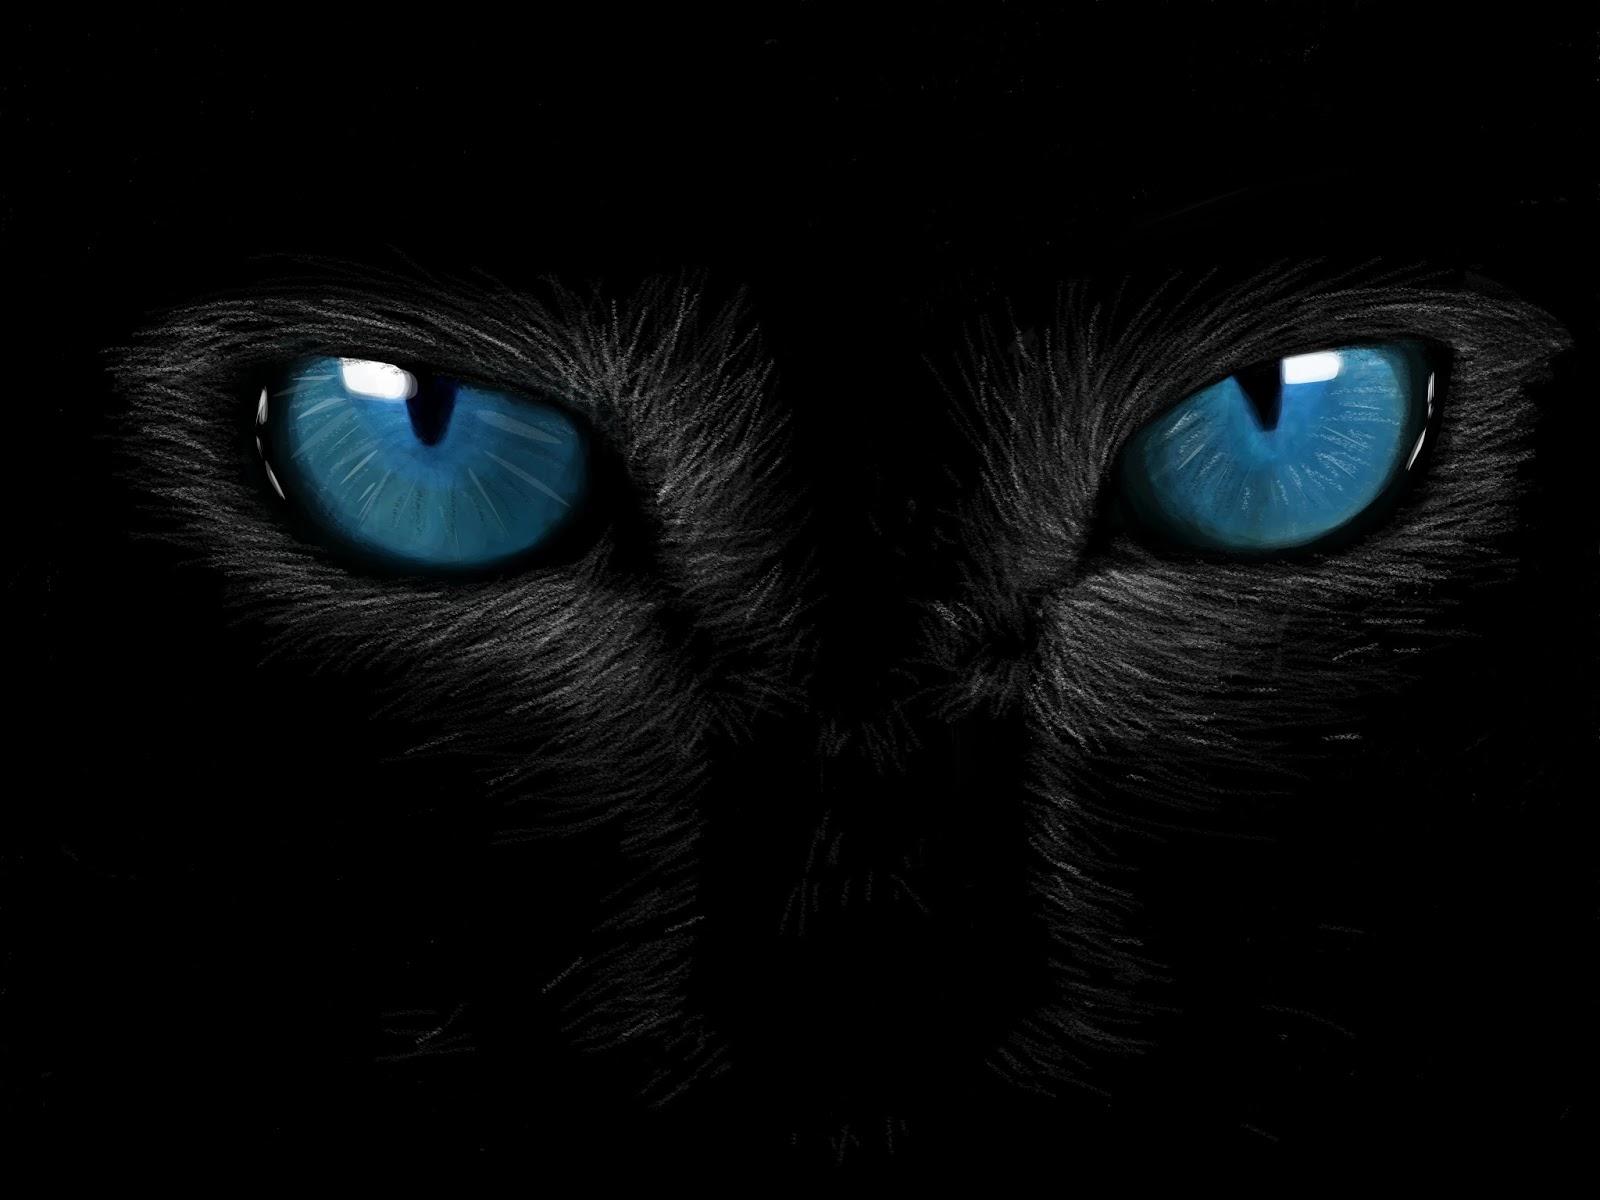 Черный Лебедь 2011 смотреть онлайн или скачать фильм